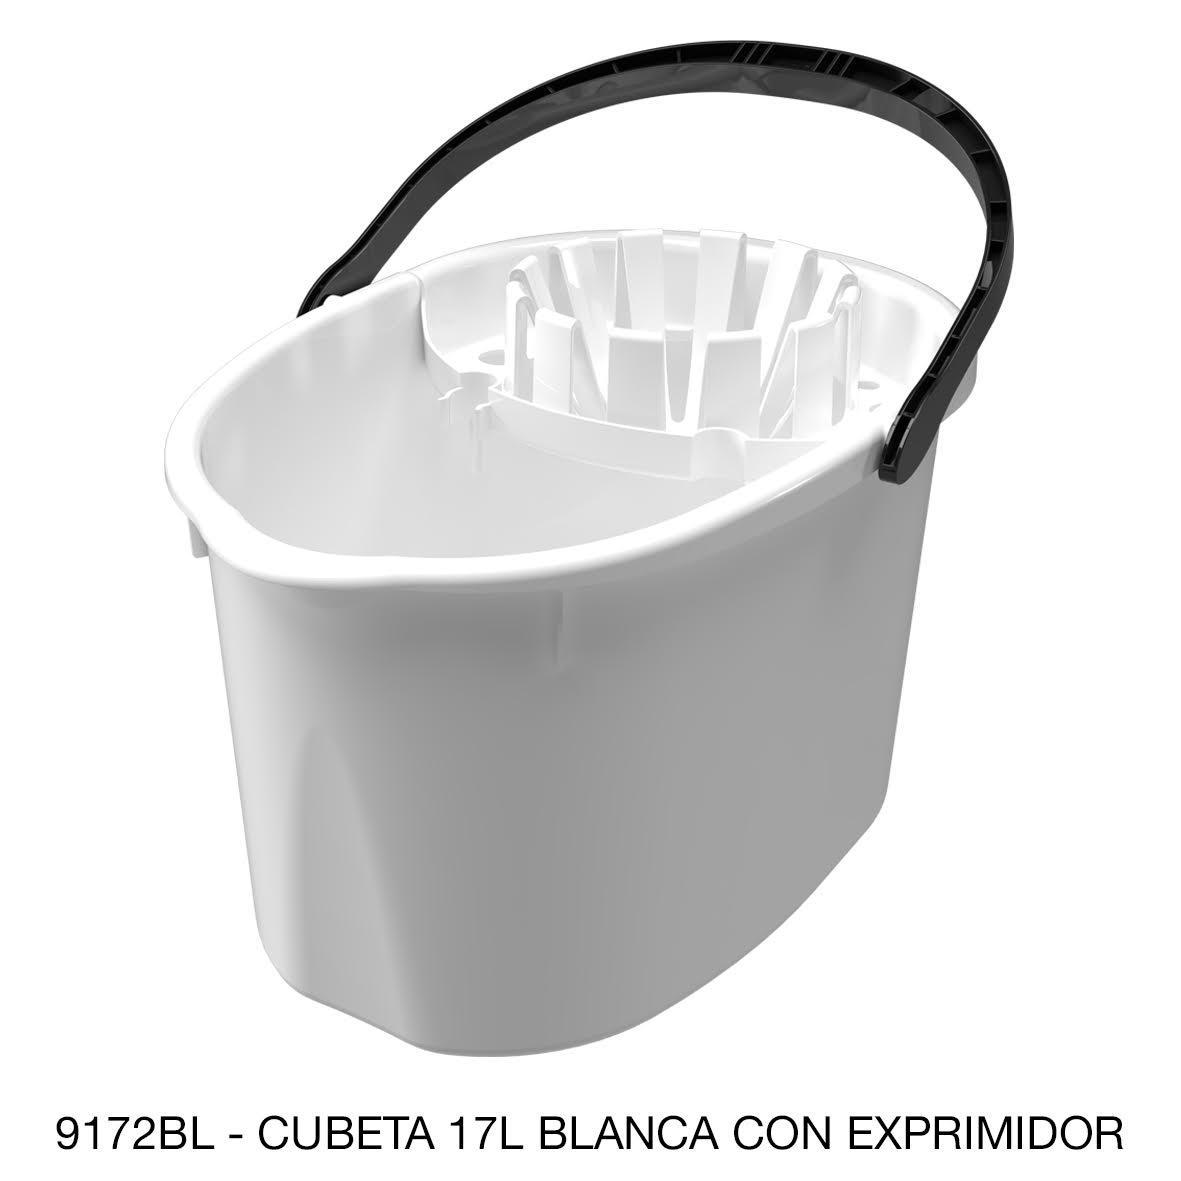 Cubeta de 17 litros con exprimidor color blanco modelo 9172BL de Sablón